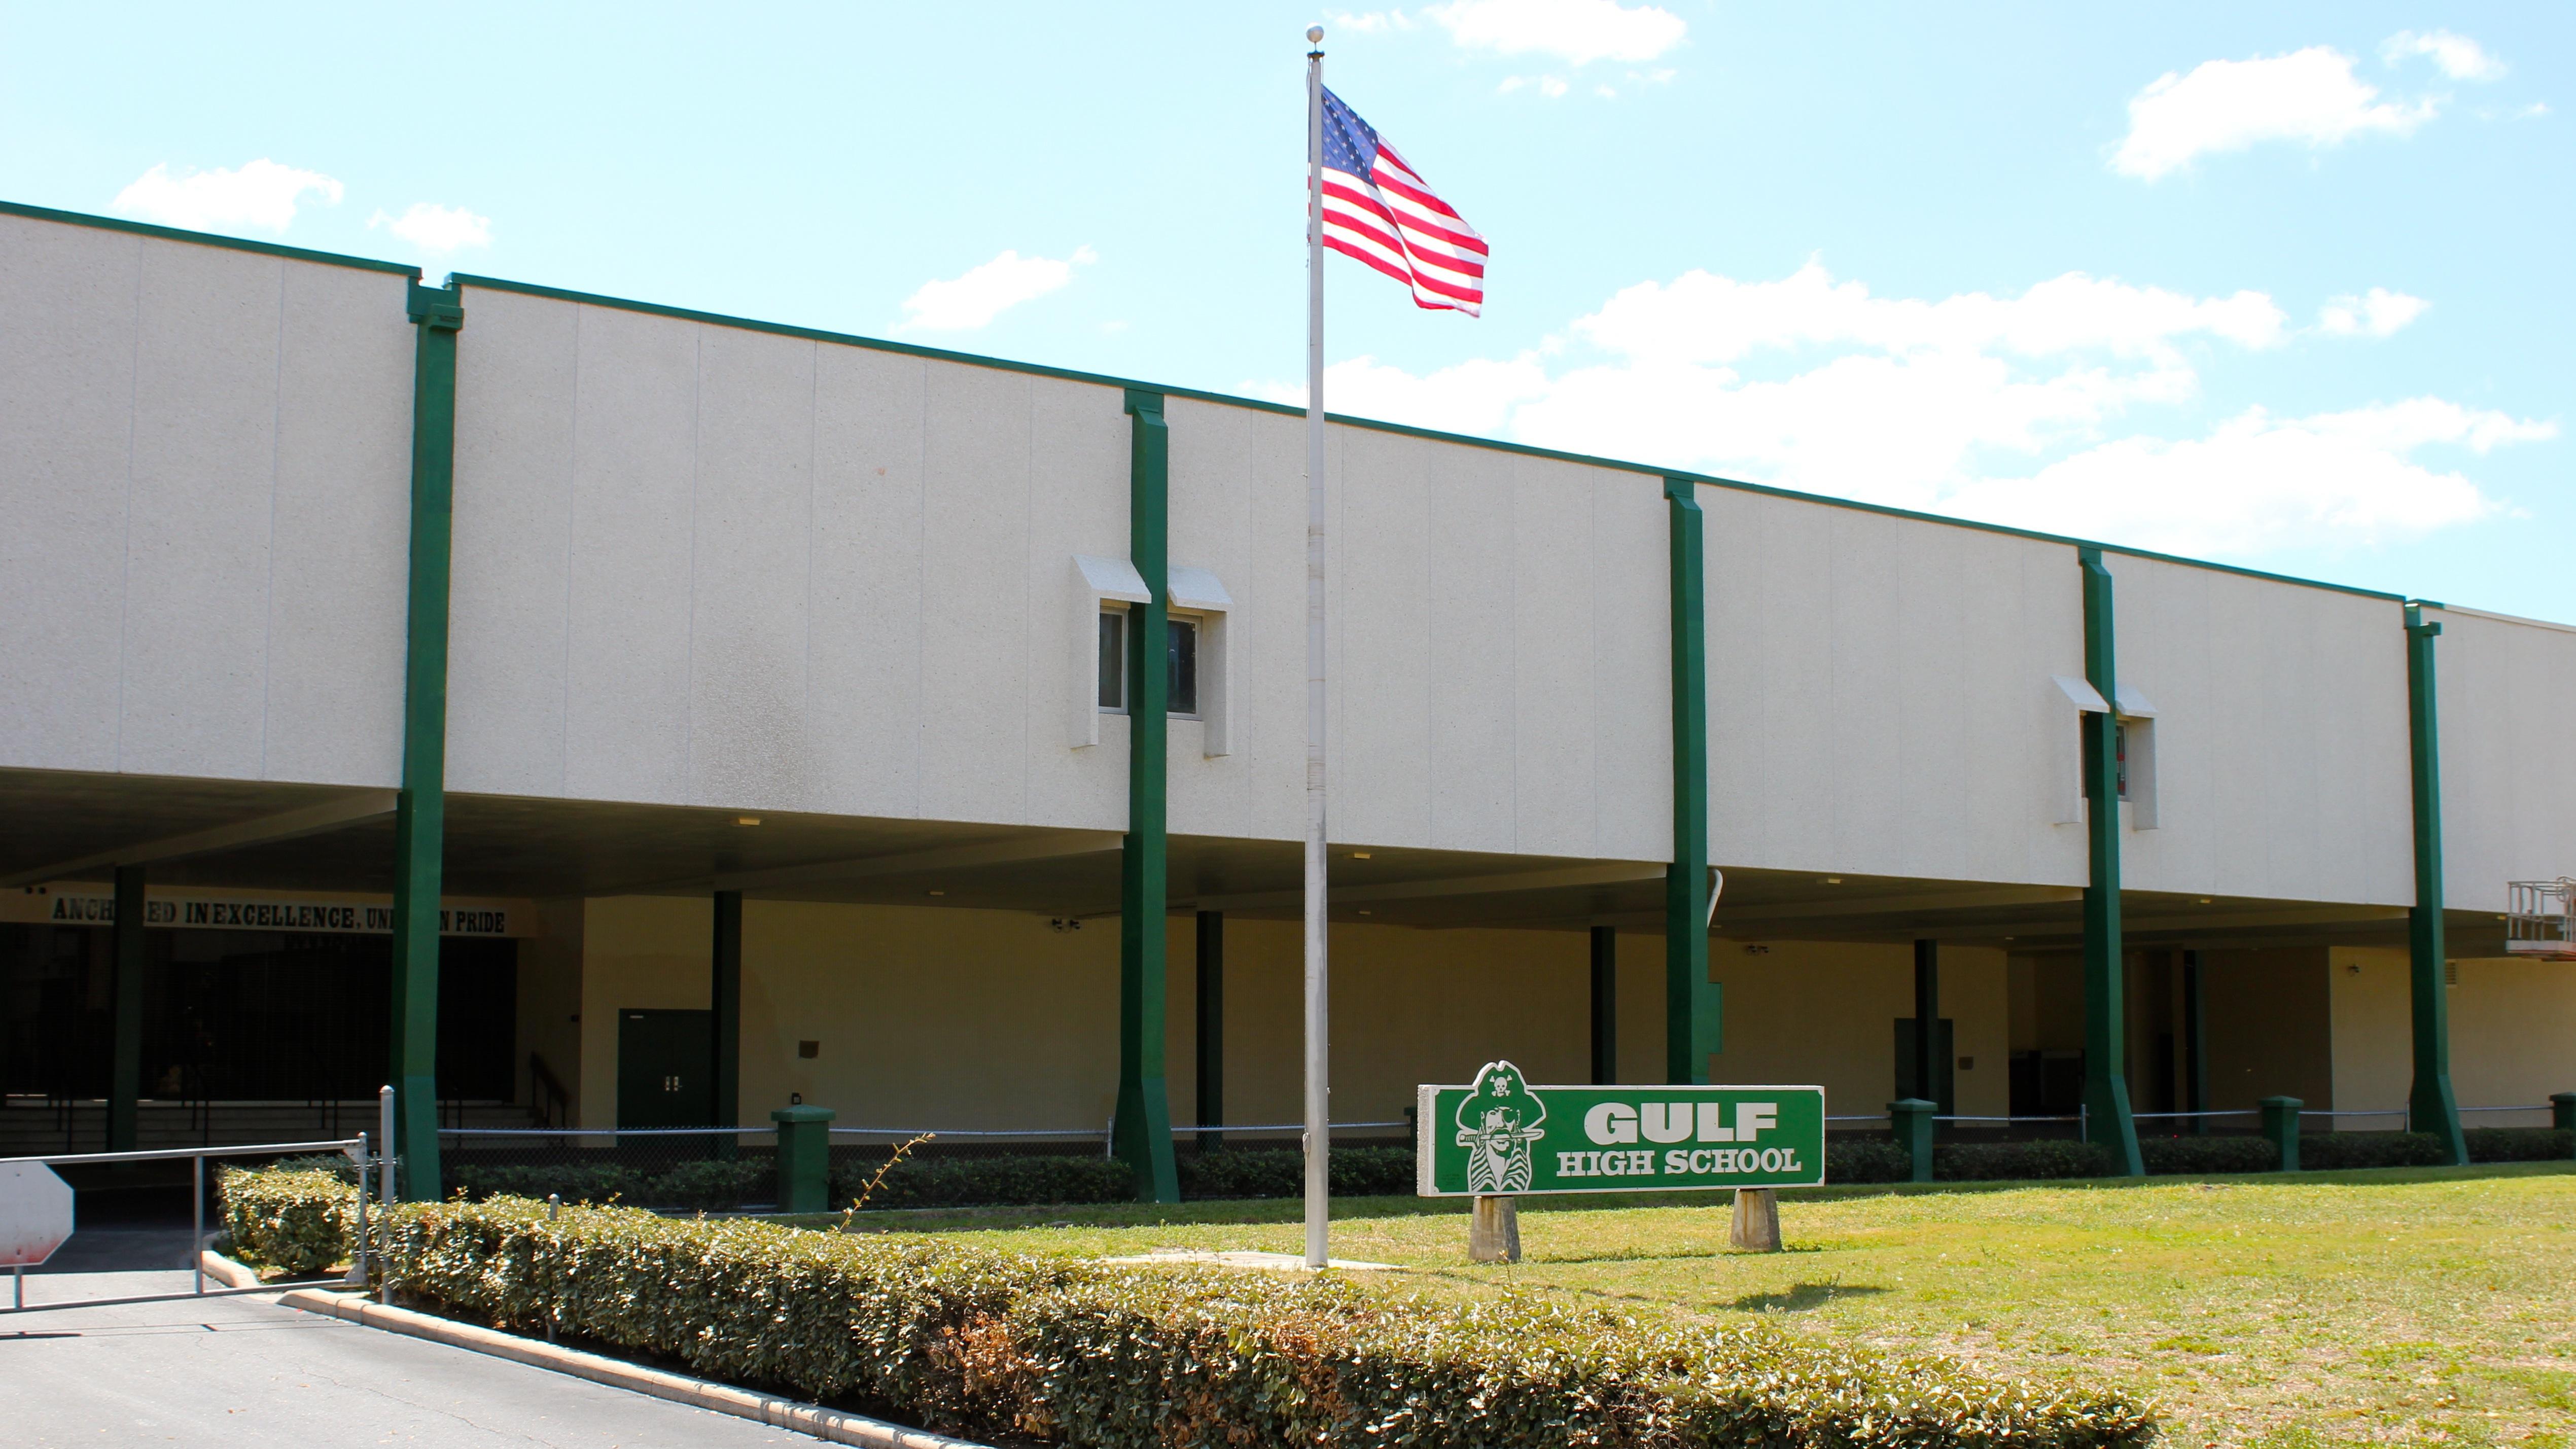 Gulf High School - Wikipedia